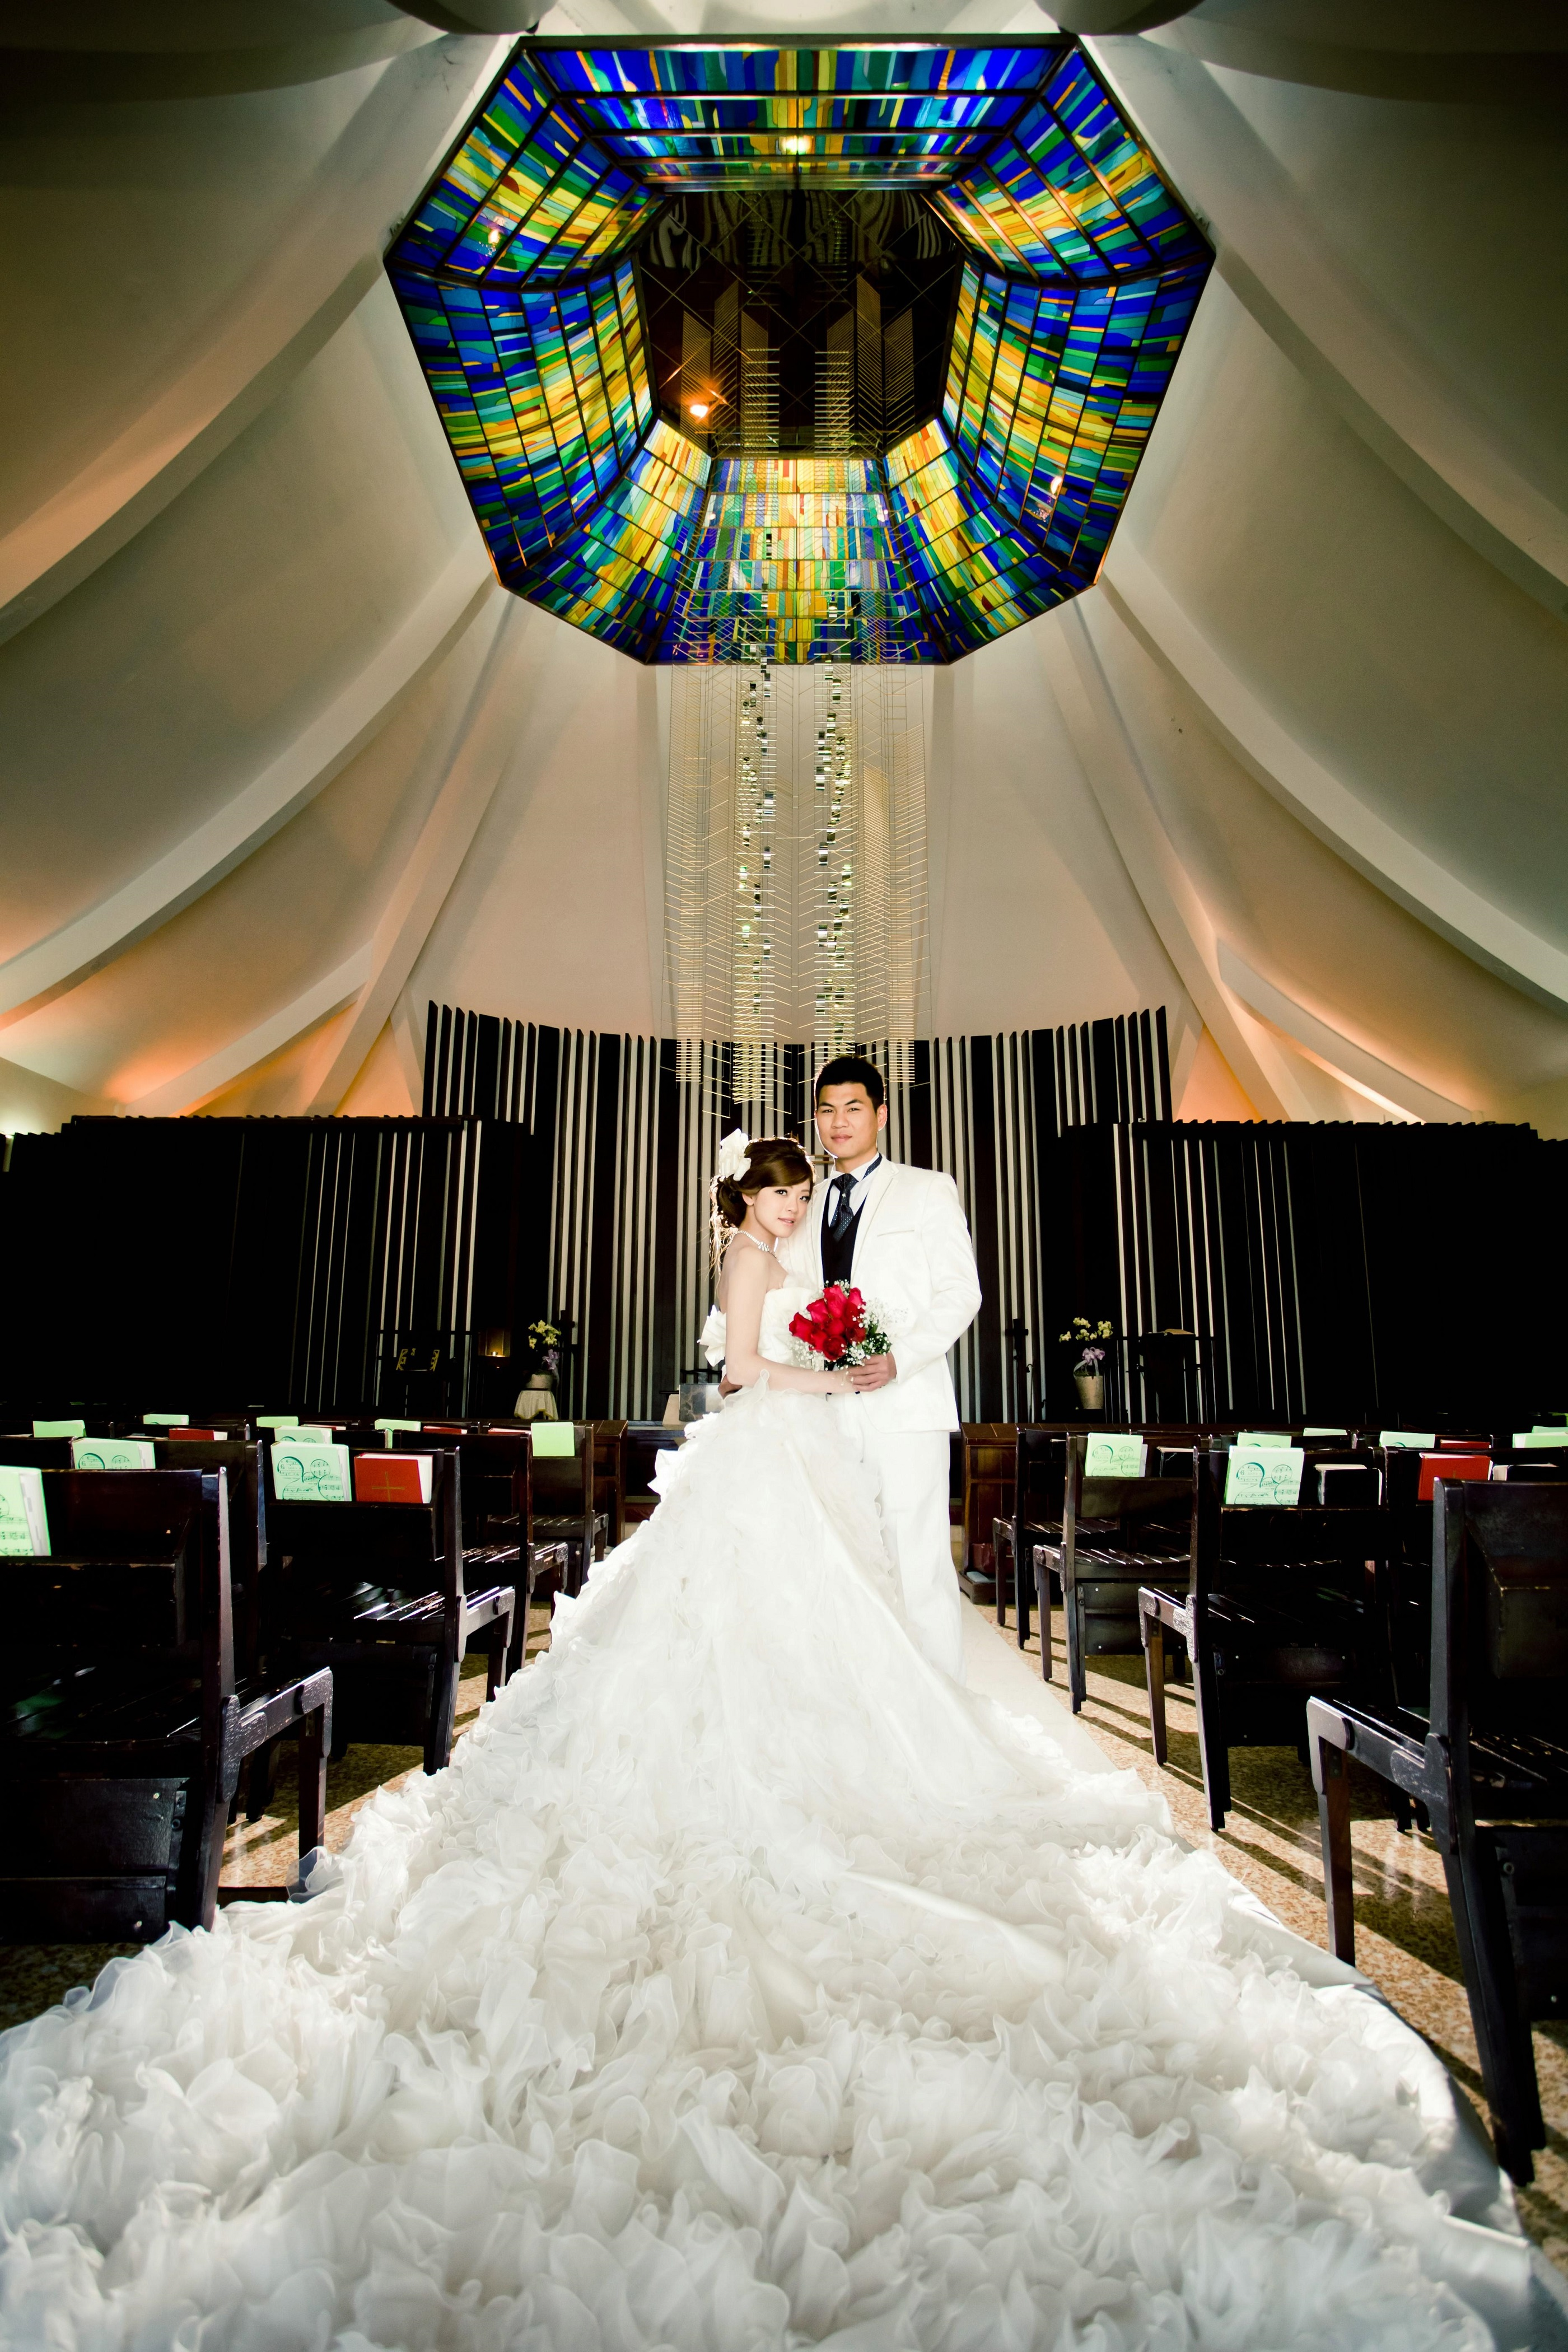 降臨堂內部美崙美奐的彩繪玻璃與雅各天梯,是新人最愛的取景勝地